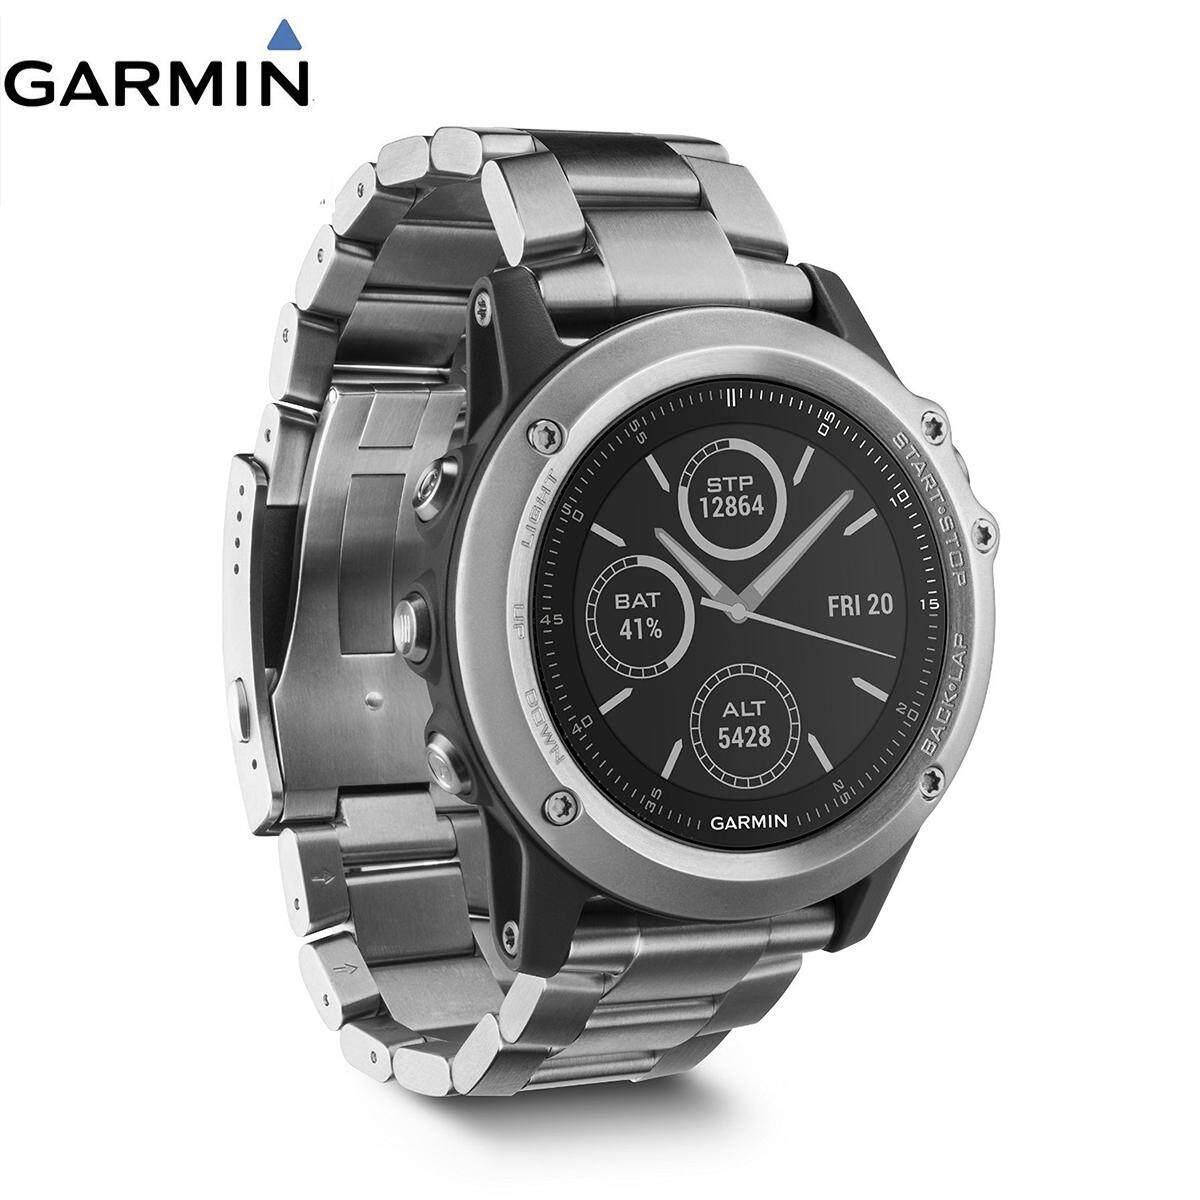 Garmin Philippines Watches For Sale Prices Reviews Lazada Forerunner 620 Orange White Fenix 3 Sapphire Titanium Gps Glonass Watch